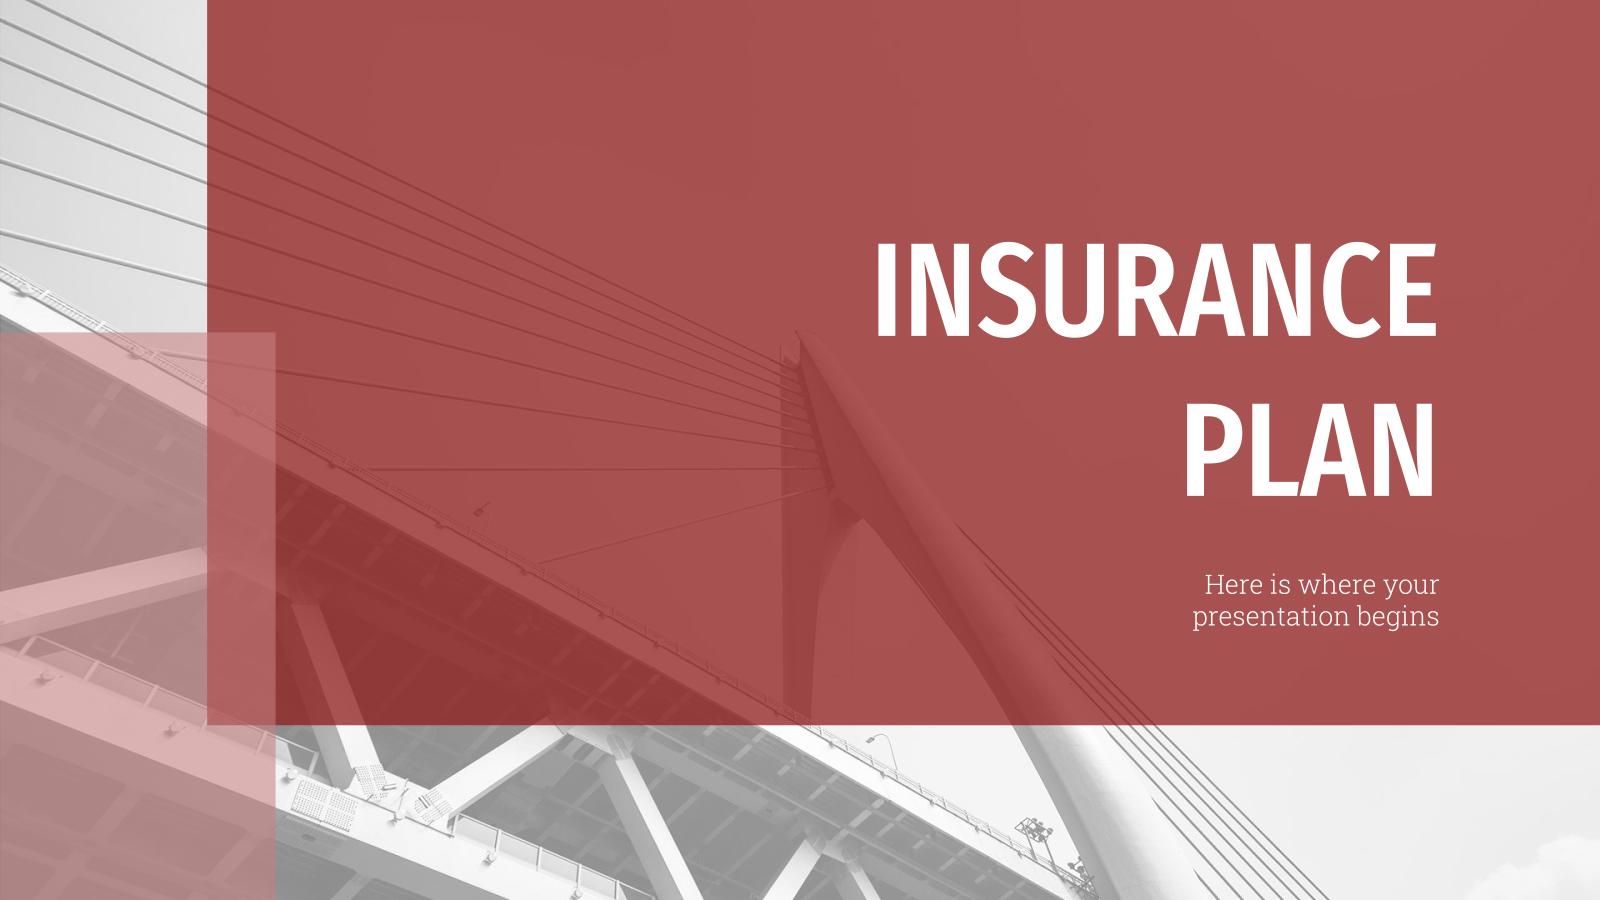 Modelo de apresentação Plano de seguros